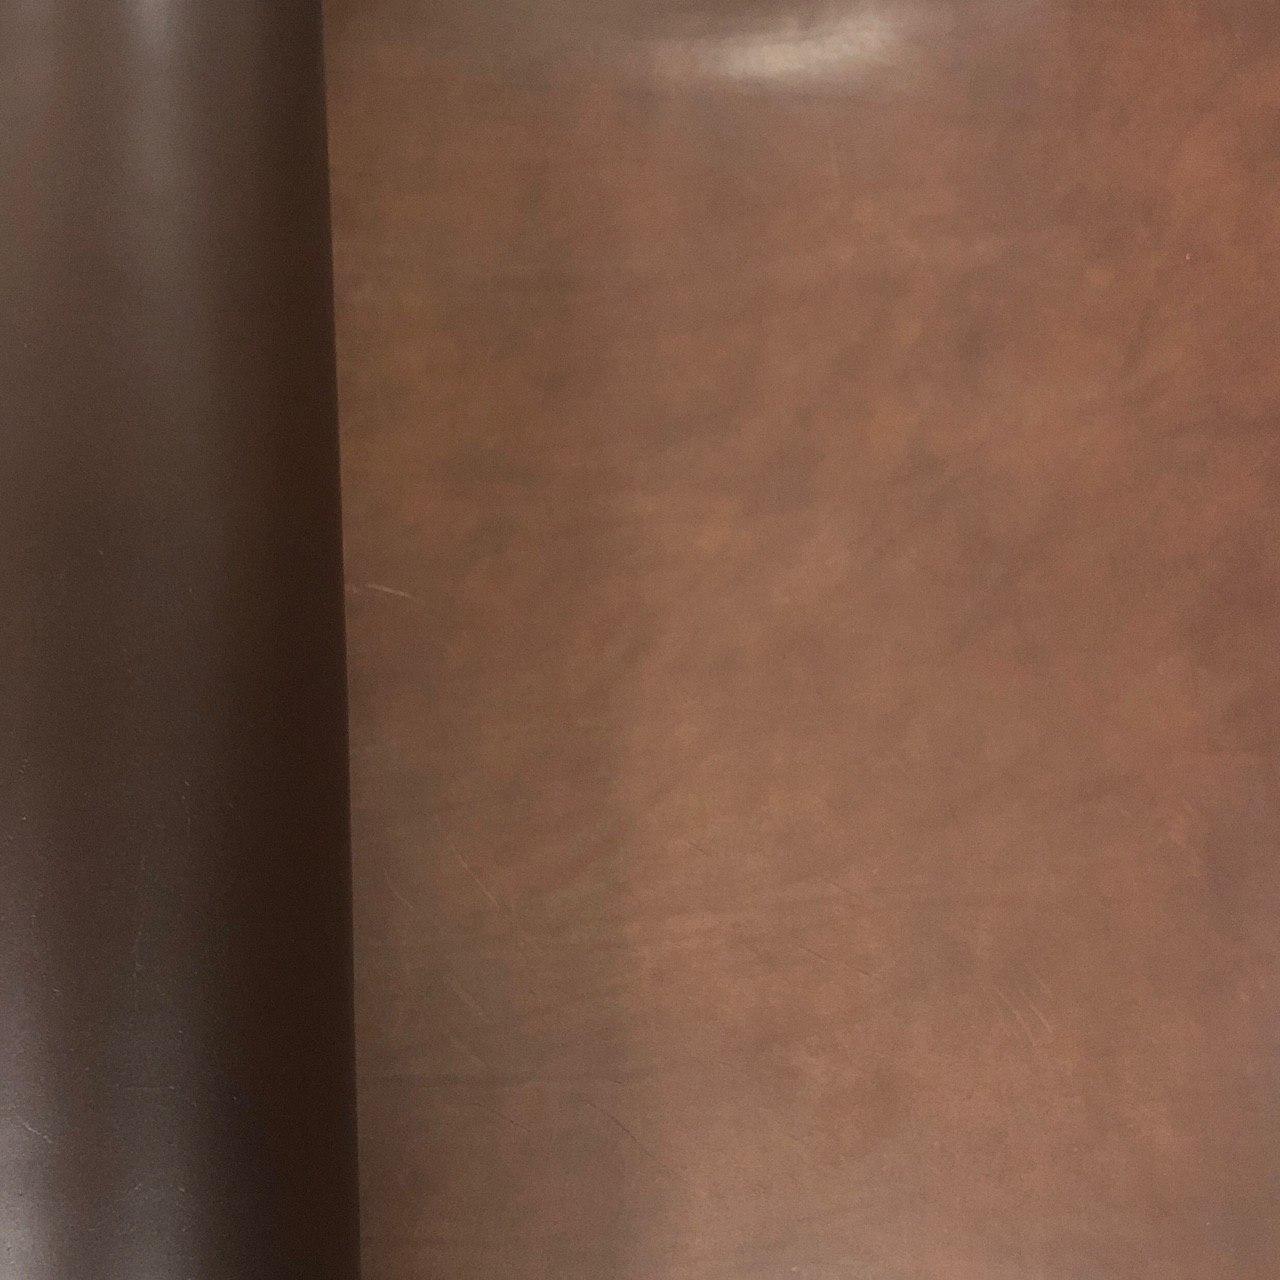 Кожа растительного дубления 2.5mm вороток темно-коричневый ROCK  (TM) ITALY